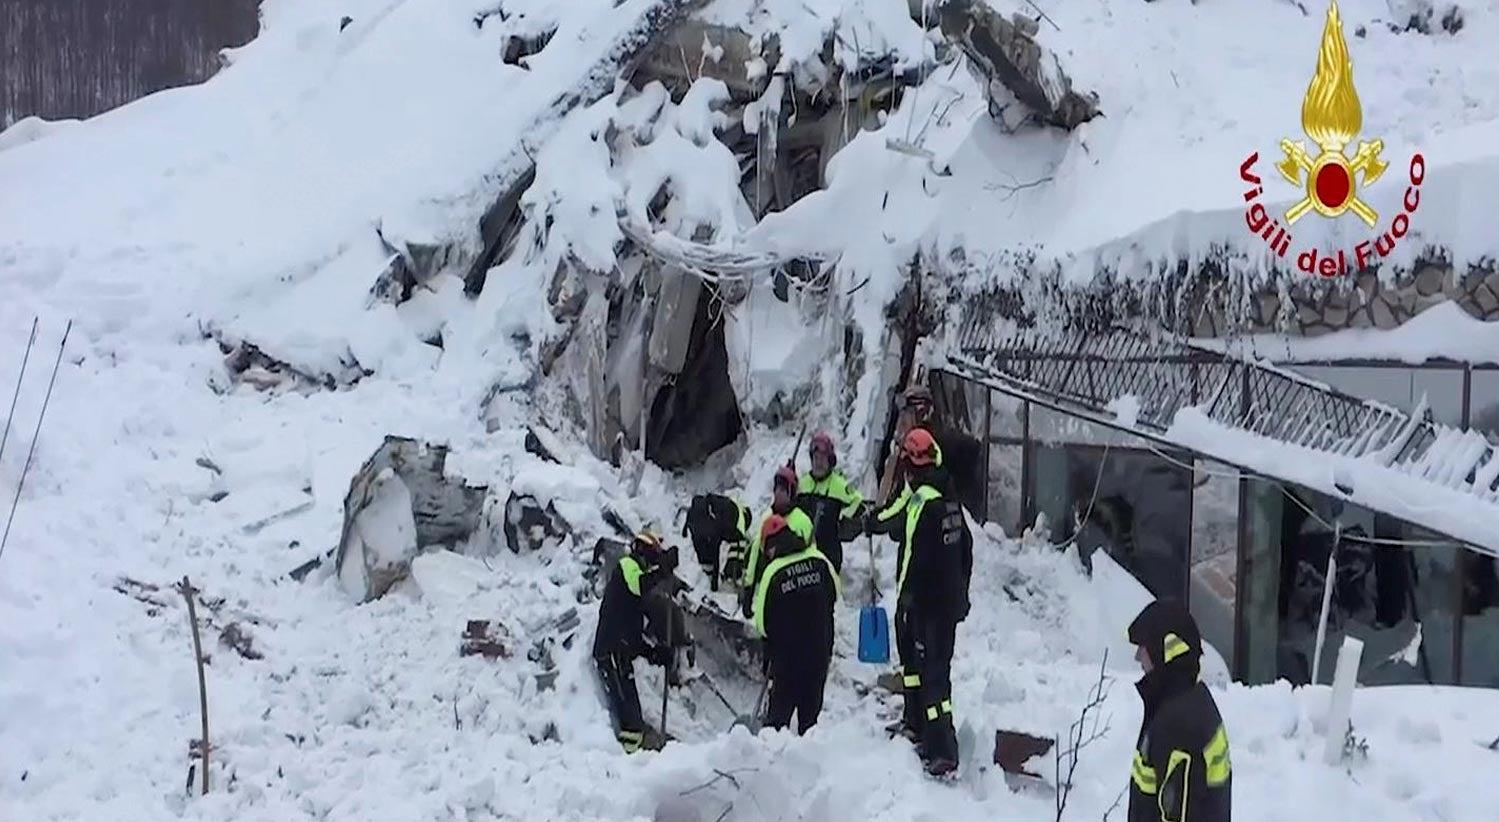 Mundo - Avalanche em Itália: Dez sobreviventes e quatro mortos confirmados